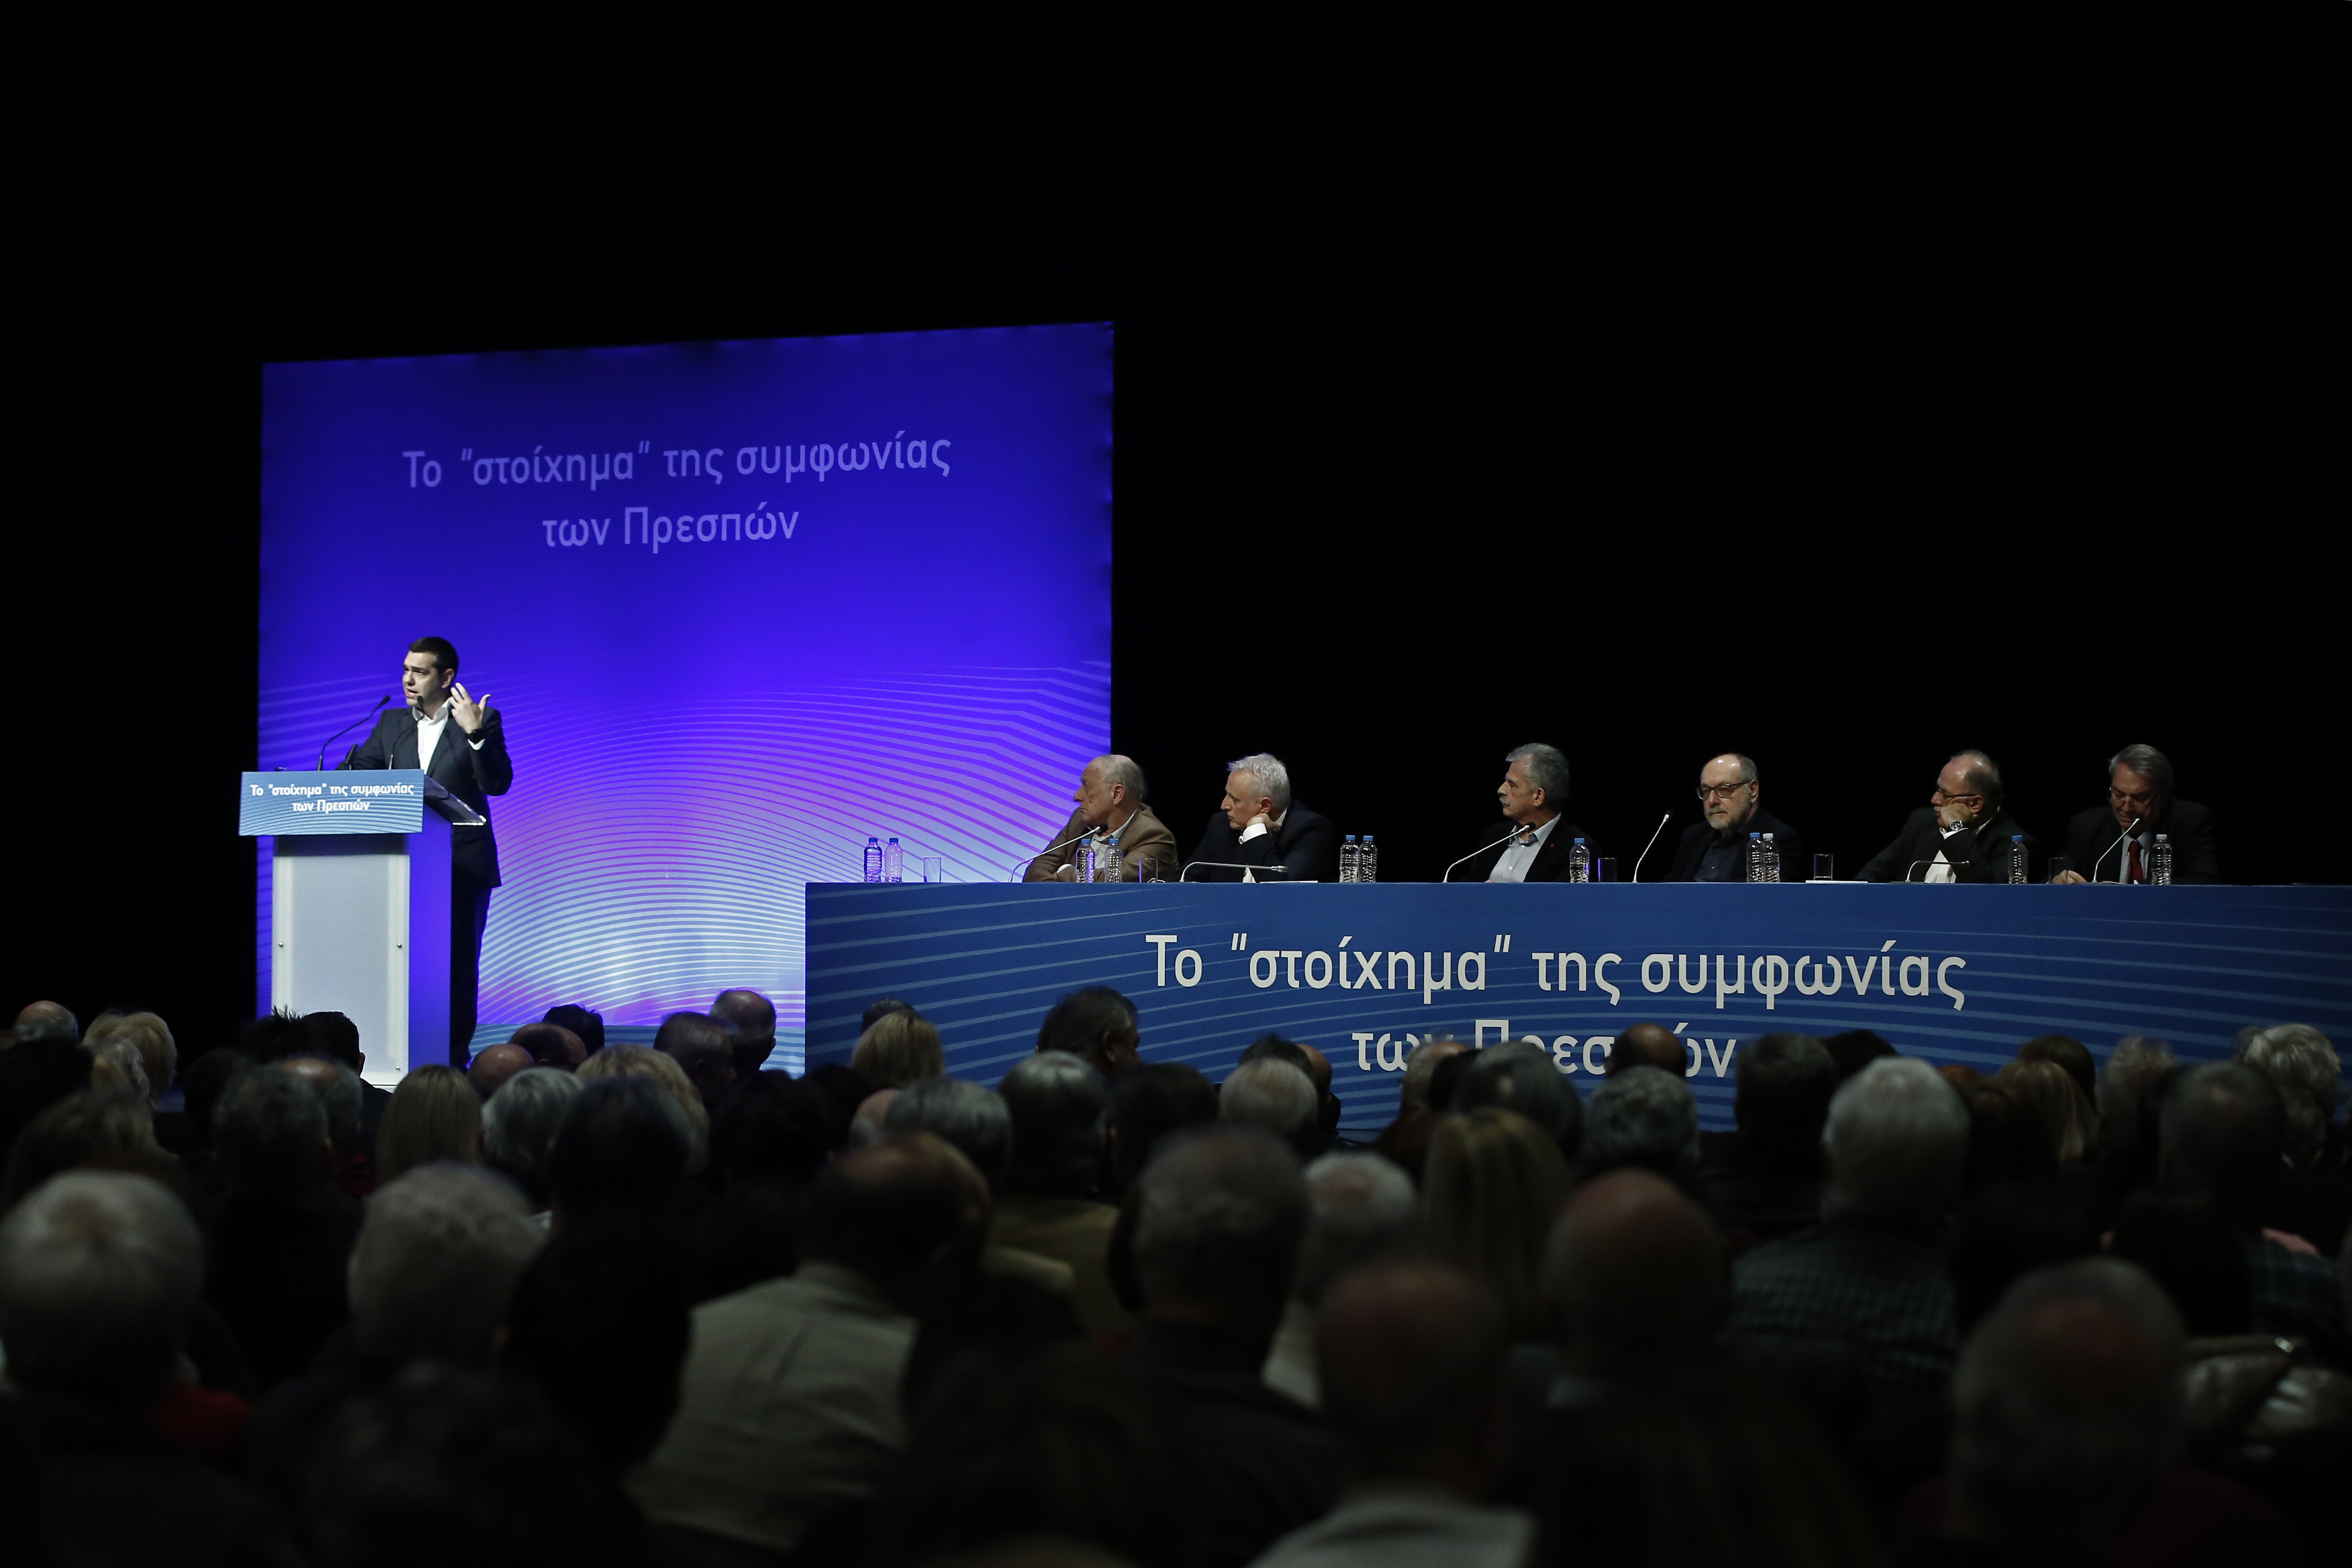 tsipras-sta-istorika-dilimmata-prepei-na-pairnontai-istorikes-apofaseis-vinteo-fotografies0